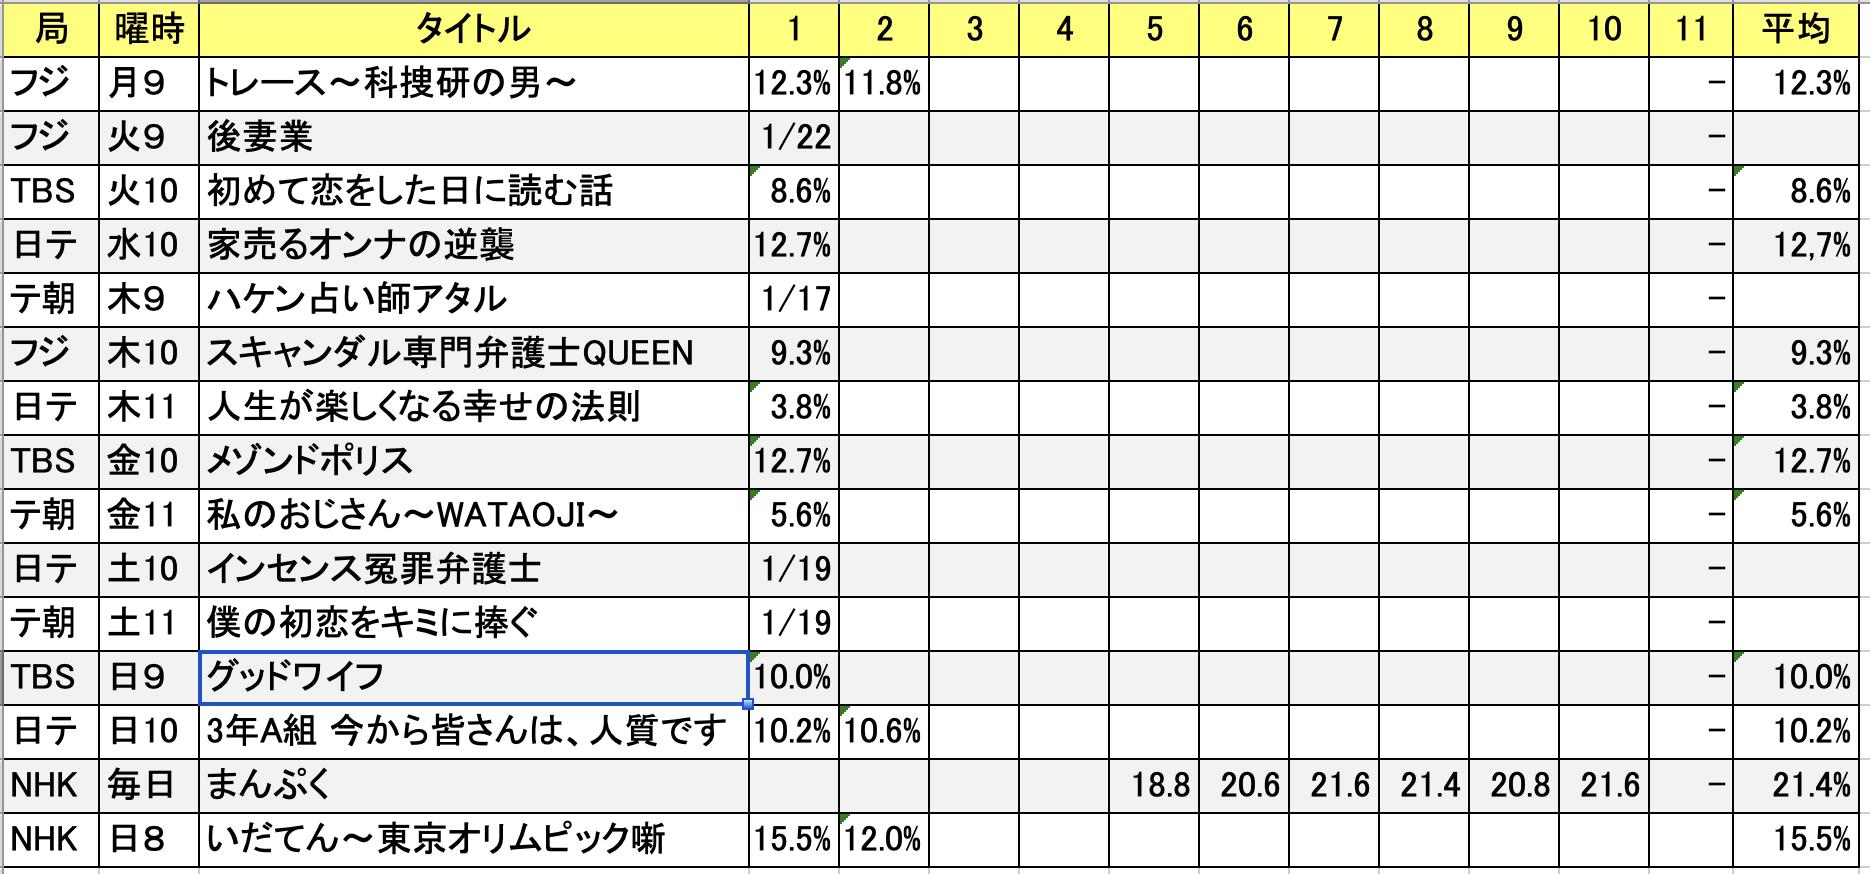 ドラマ視聴率20190117l